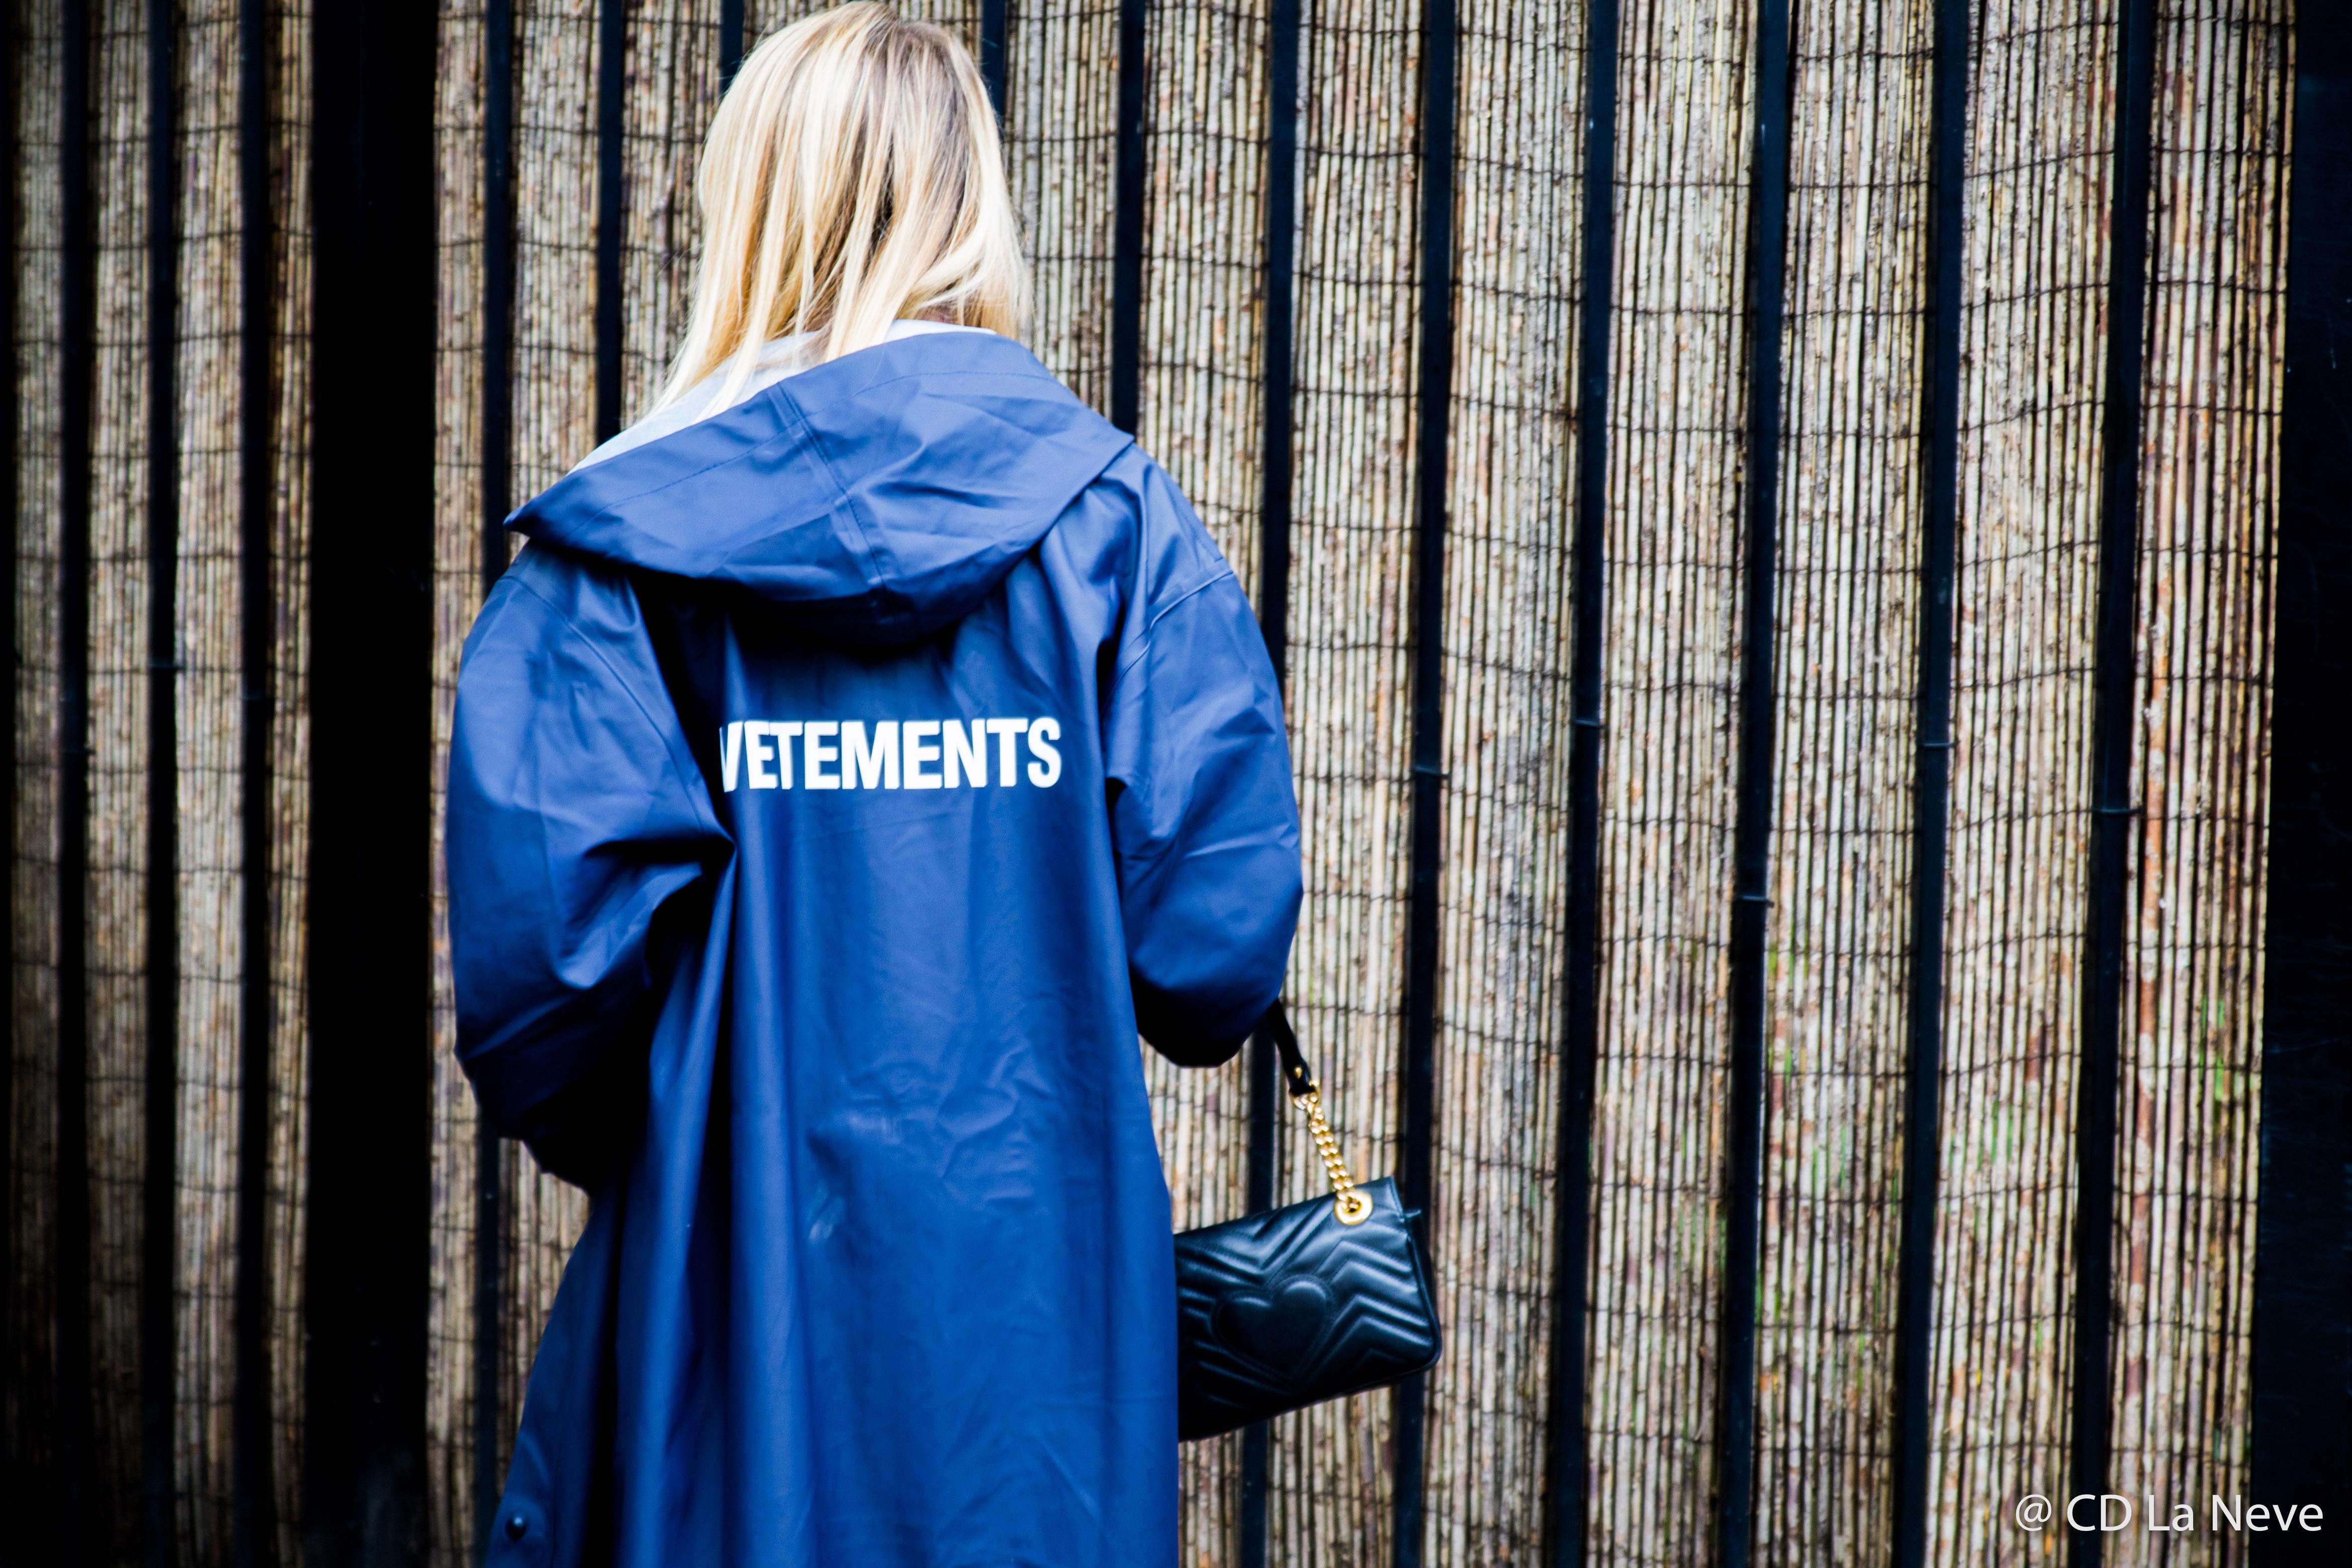 Vetements Street Style London Fashion Week SS18 LFW